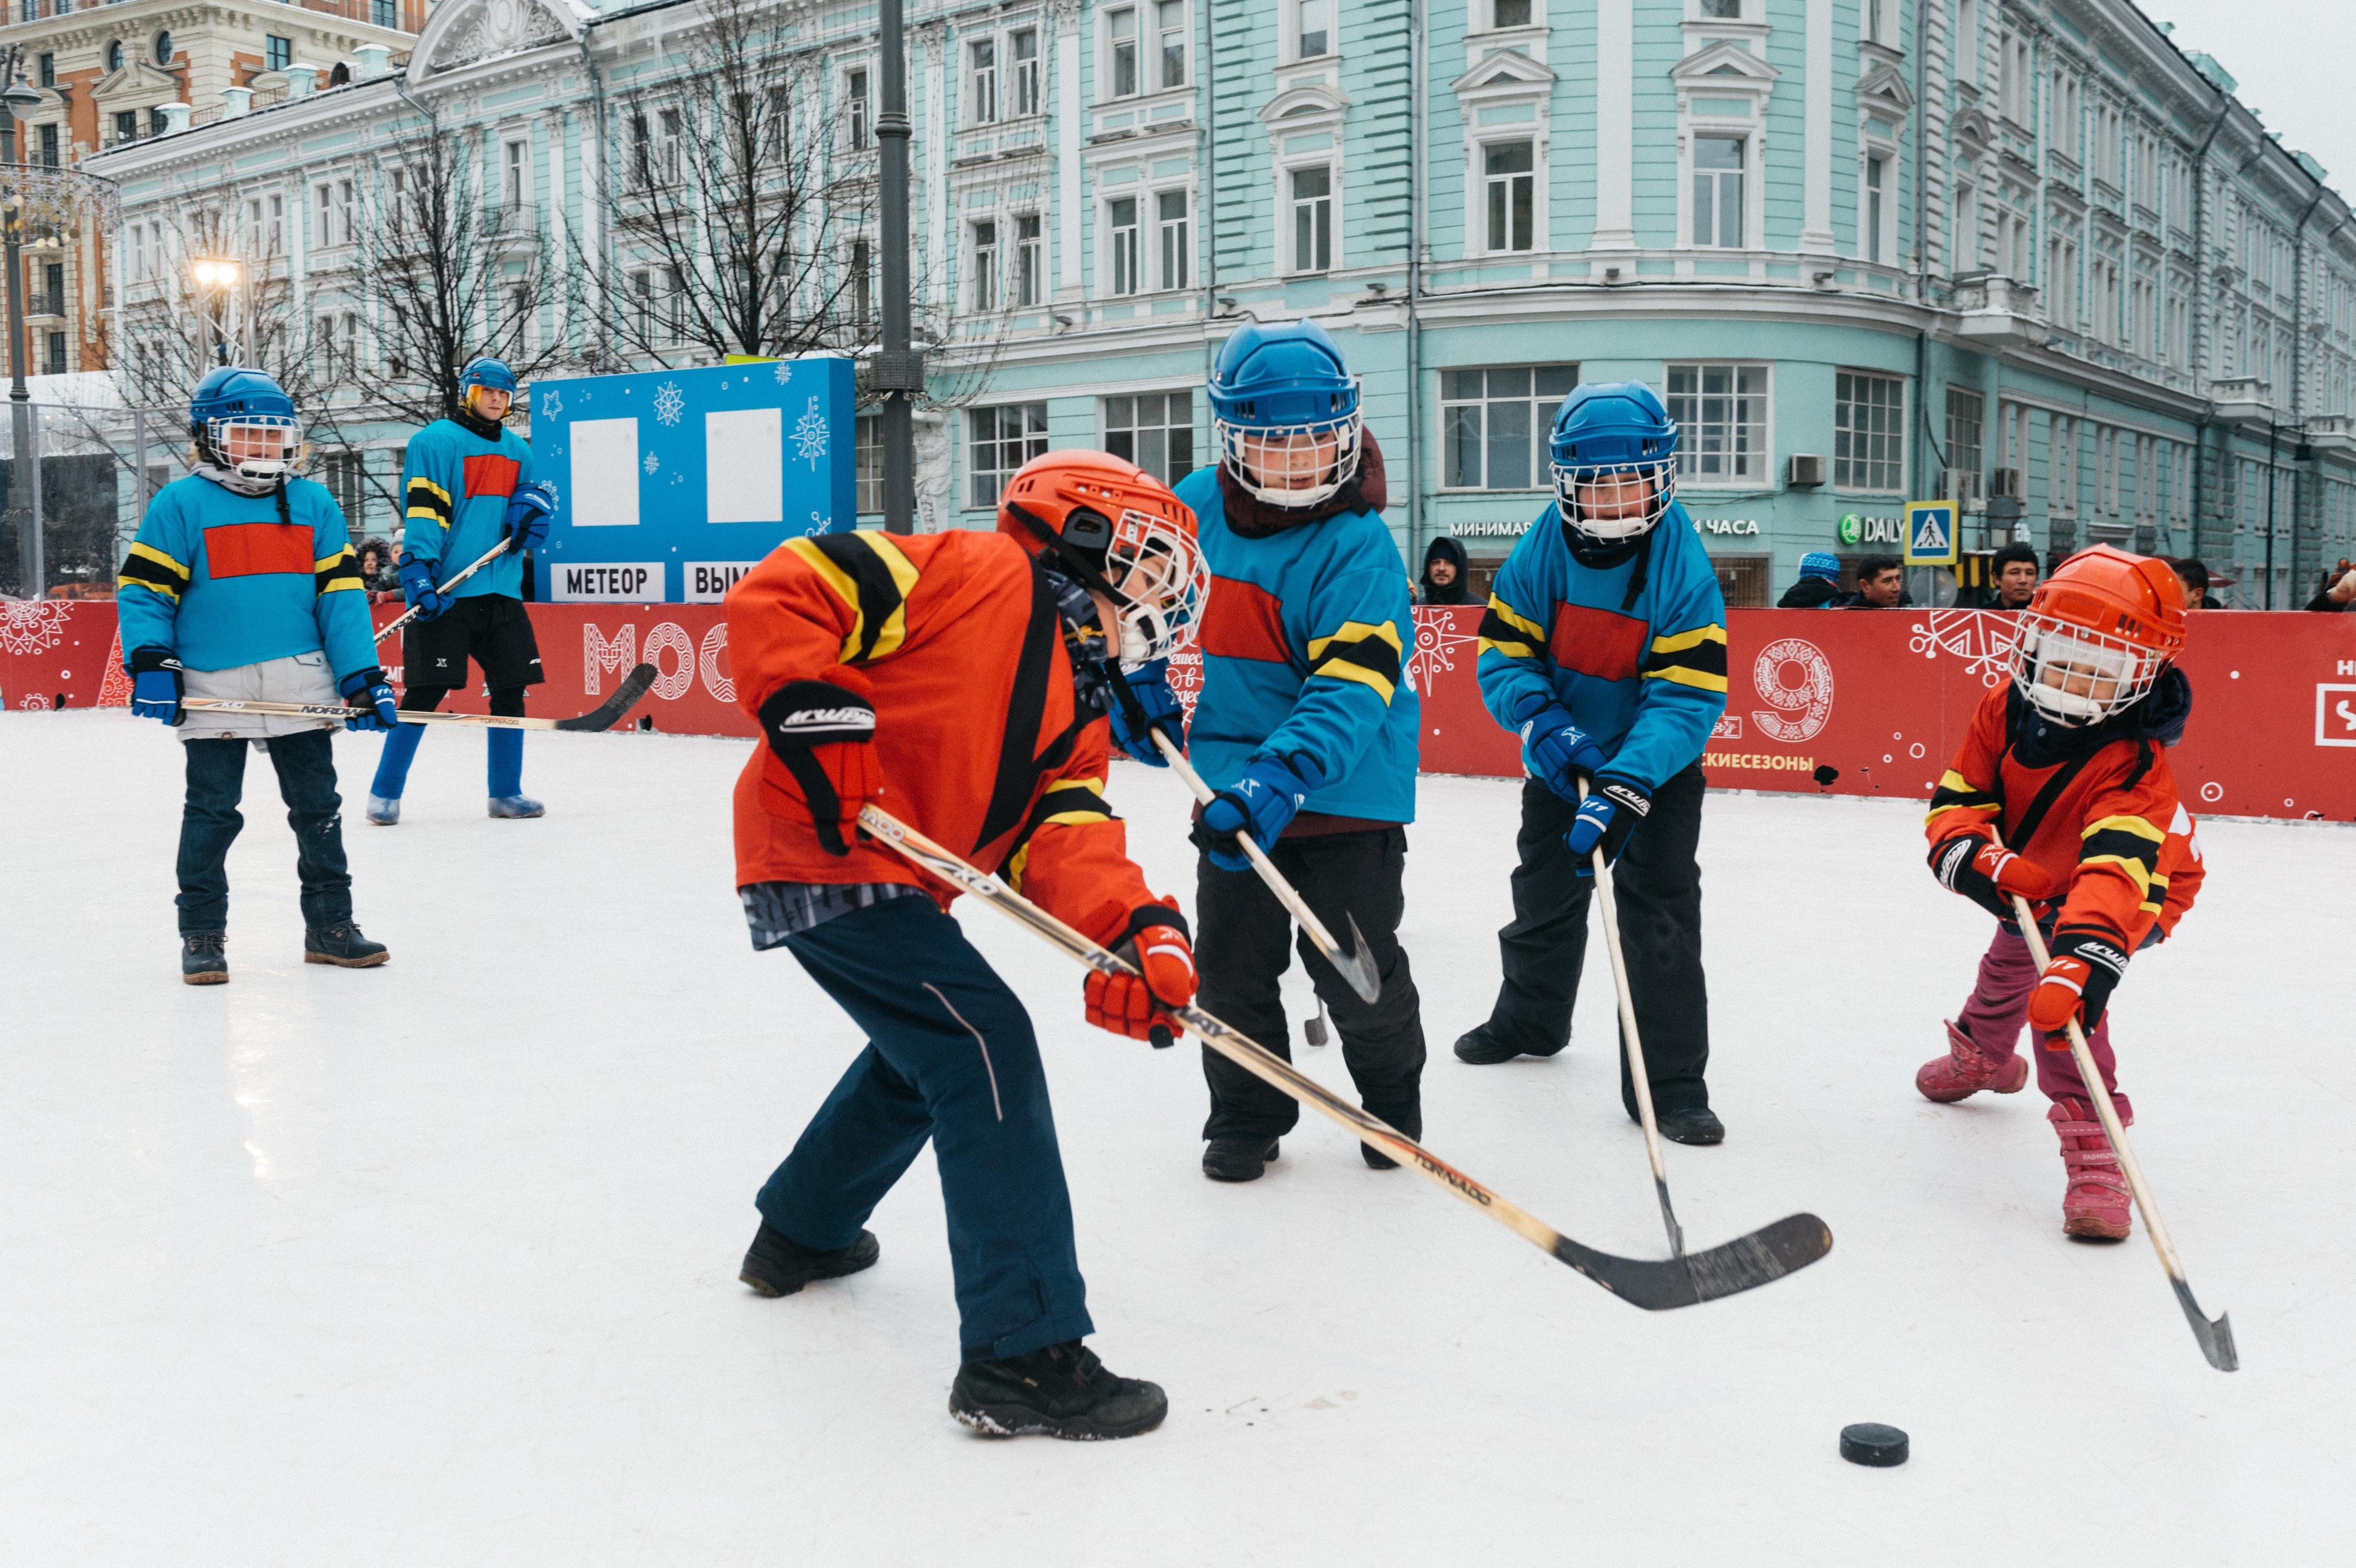 Olympische Winterspelen